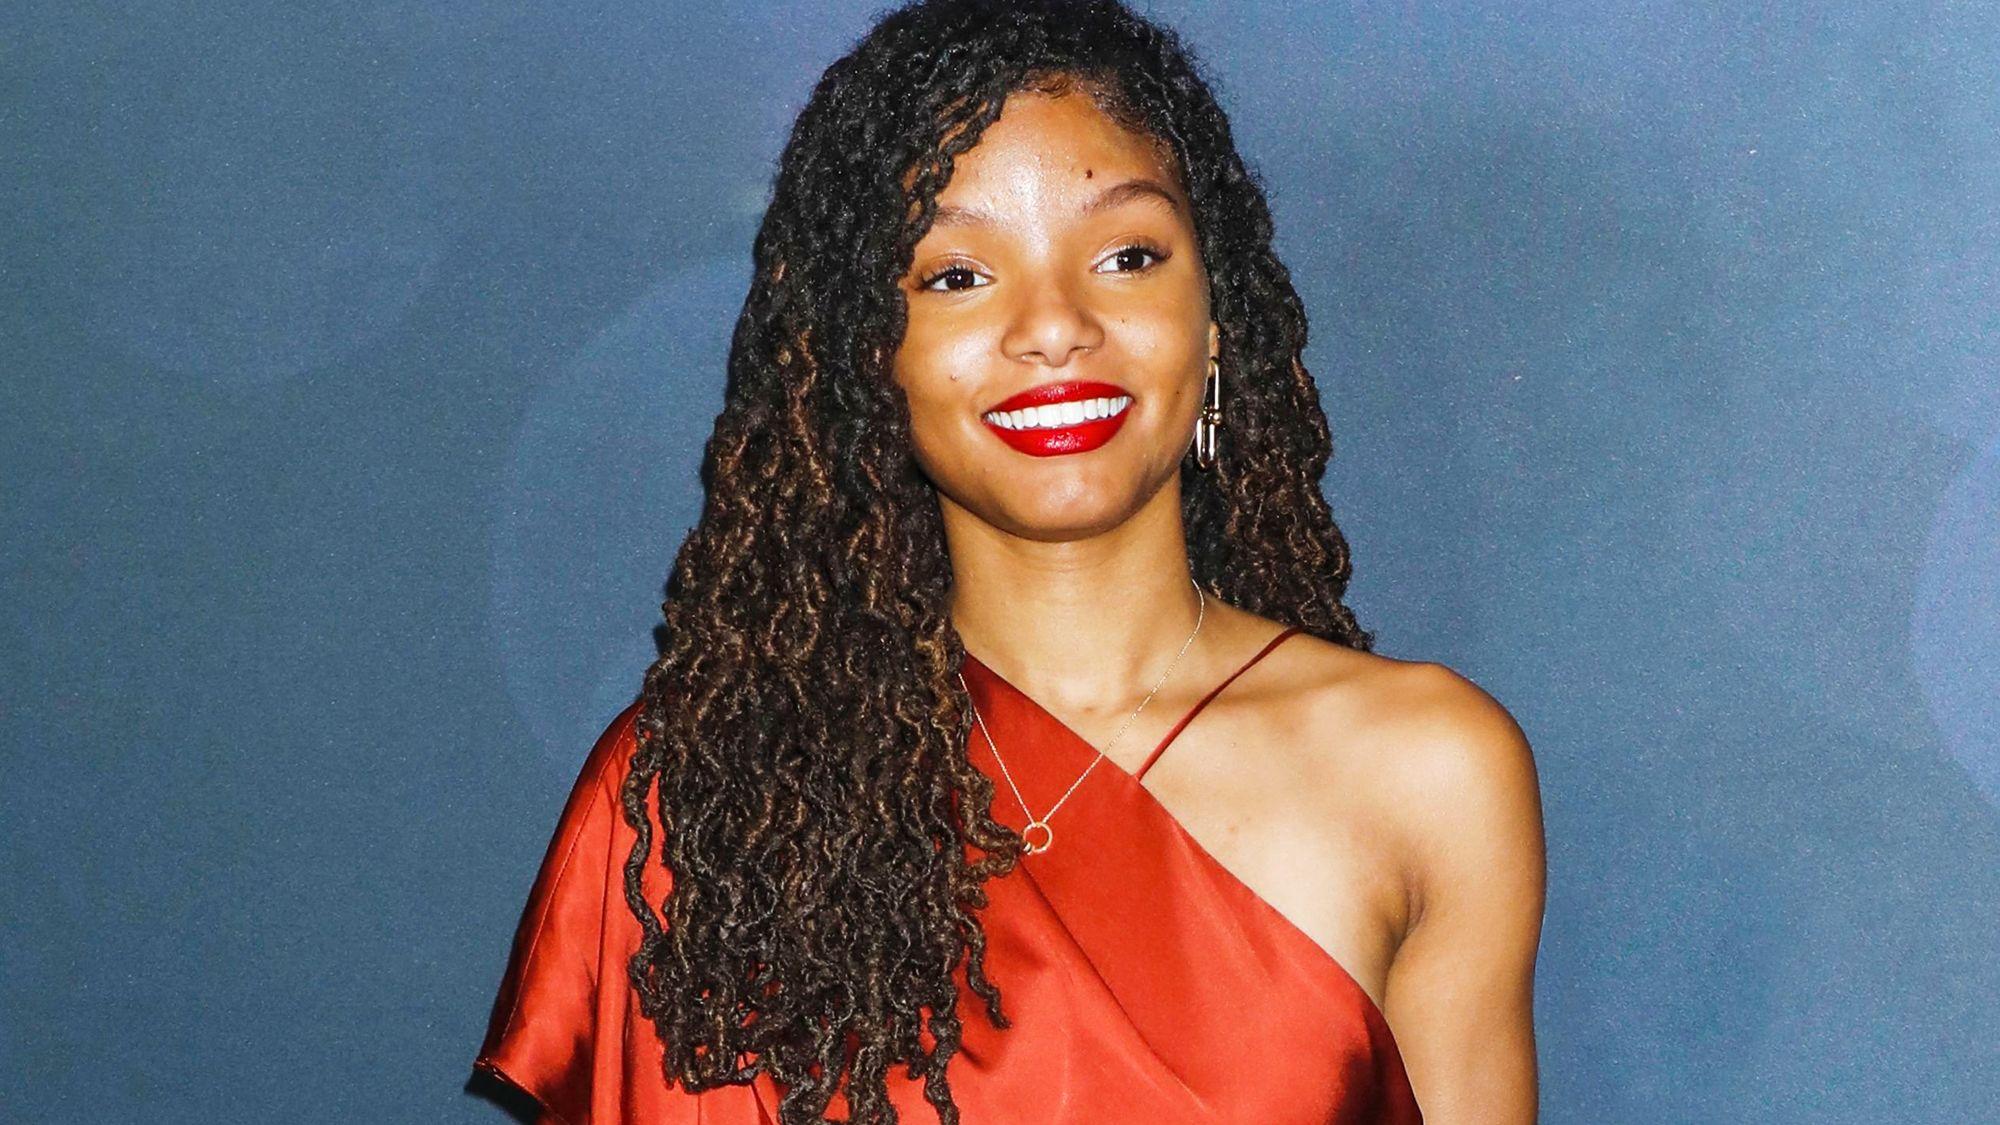 Образ Русалочки по-новому: рыжую Ариэль сыграет темнокожая актриса